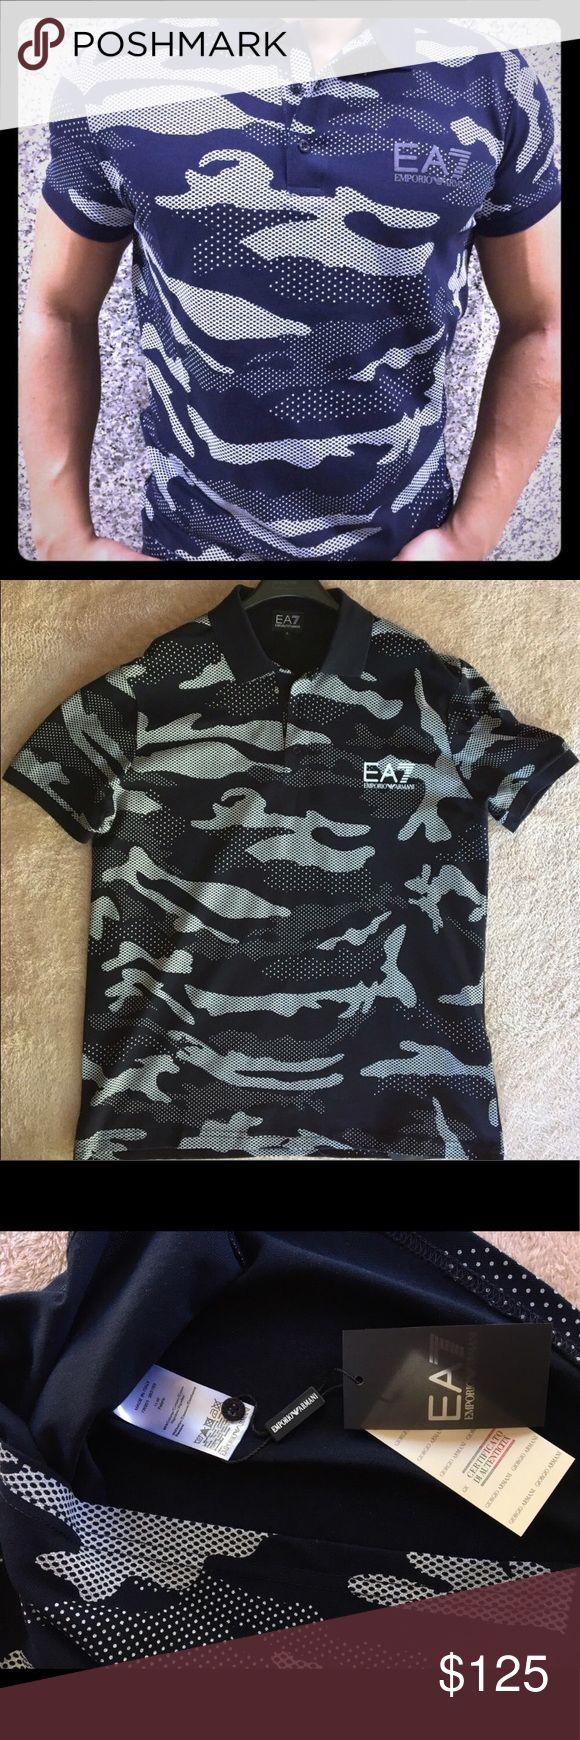 Emporia Armani Polo Shirt Description: Black cotton camouflage polo shirt from EA7 European cut and it runs small Emporio Armani Shirts Polos